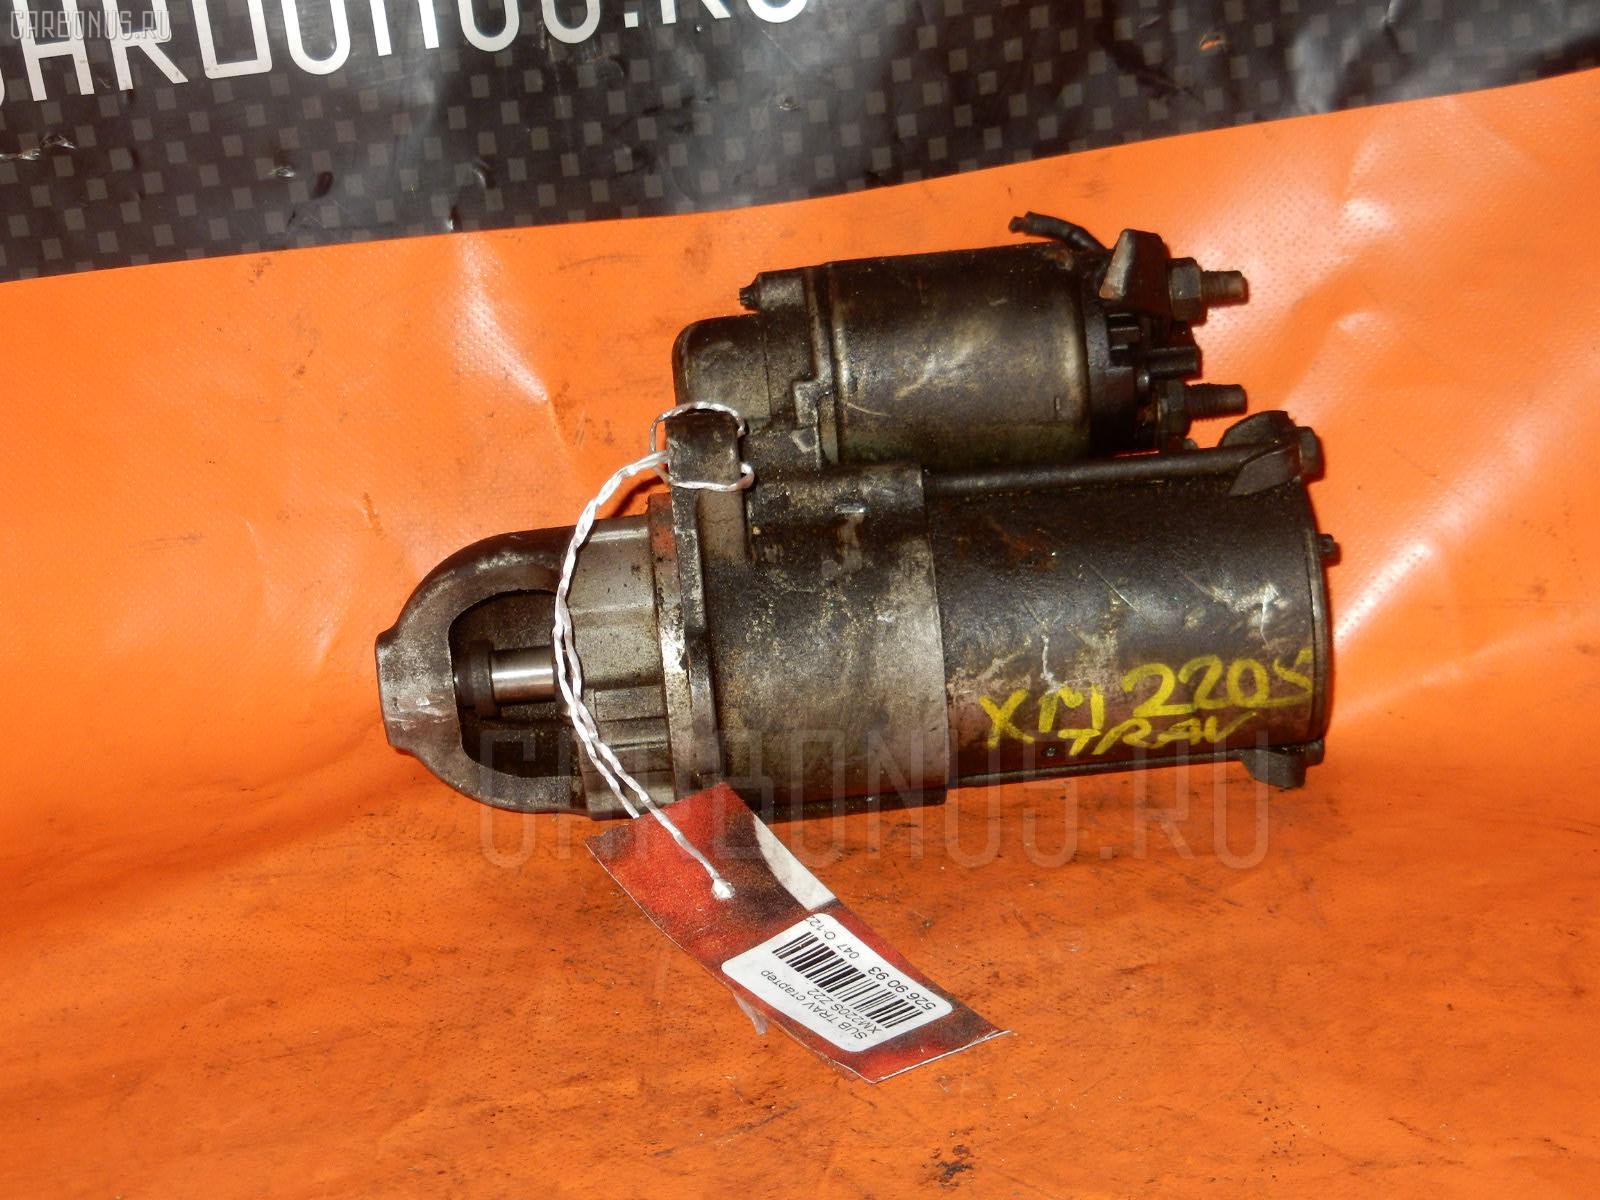 Стартер SUBARU TRAVIQ XM220S Z22 Фото 1